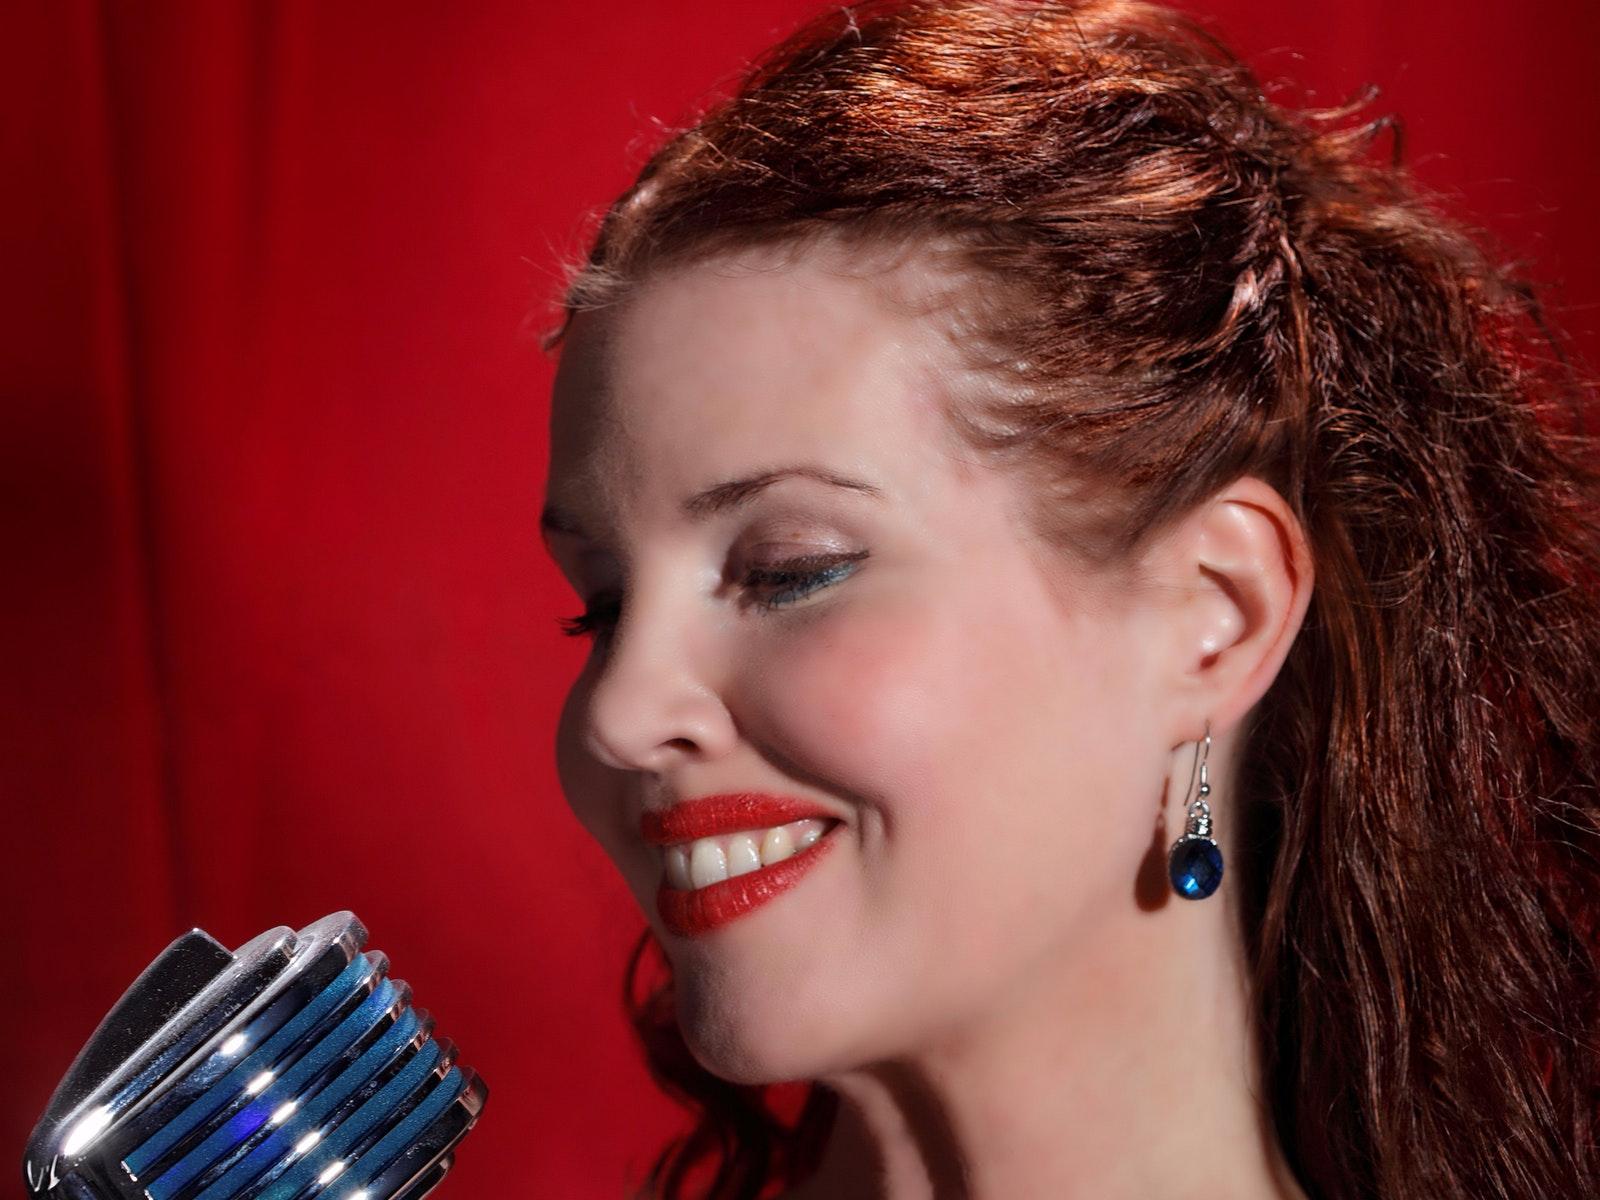 Sarah MacLaine